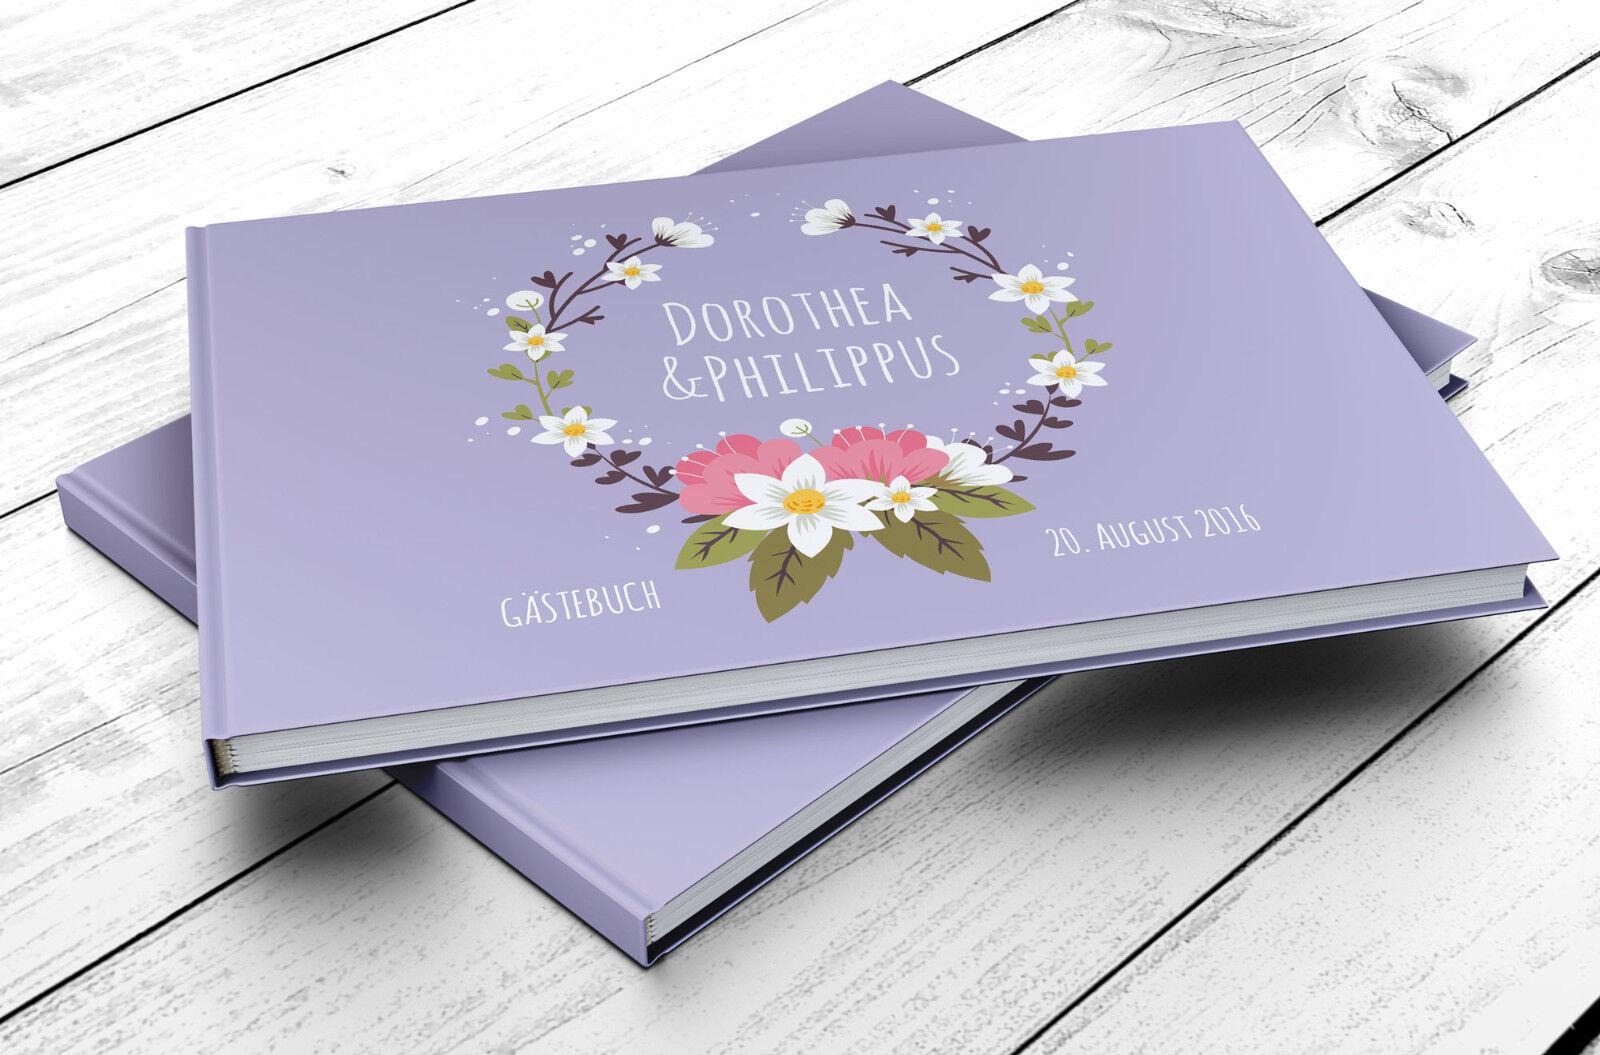 Gästebuch Hochzeit PERSONALISIERT Vintage Flower Pastel-Flieder, Foto, Geschenk